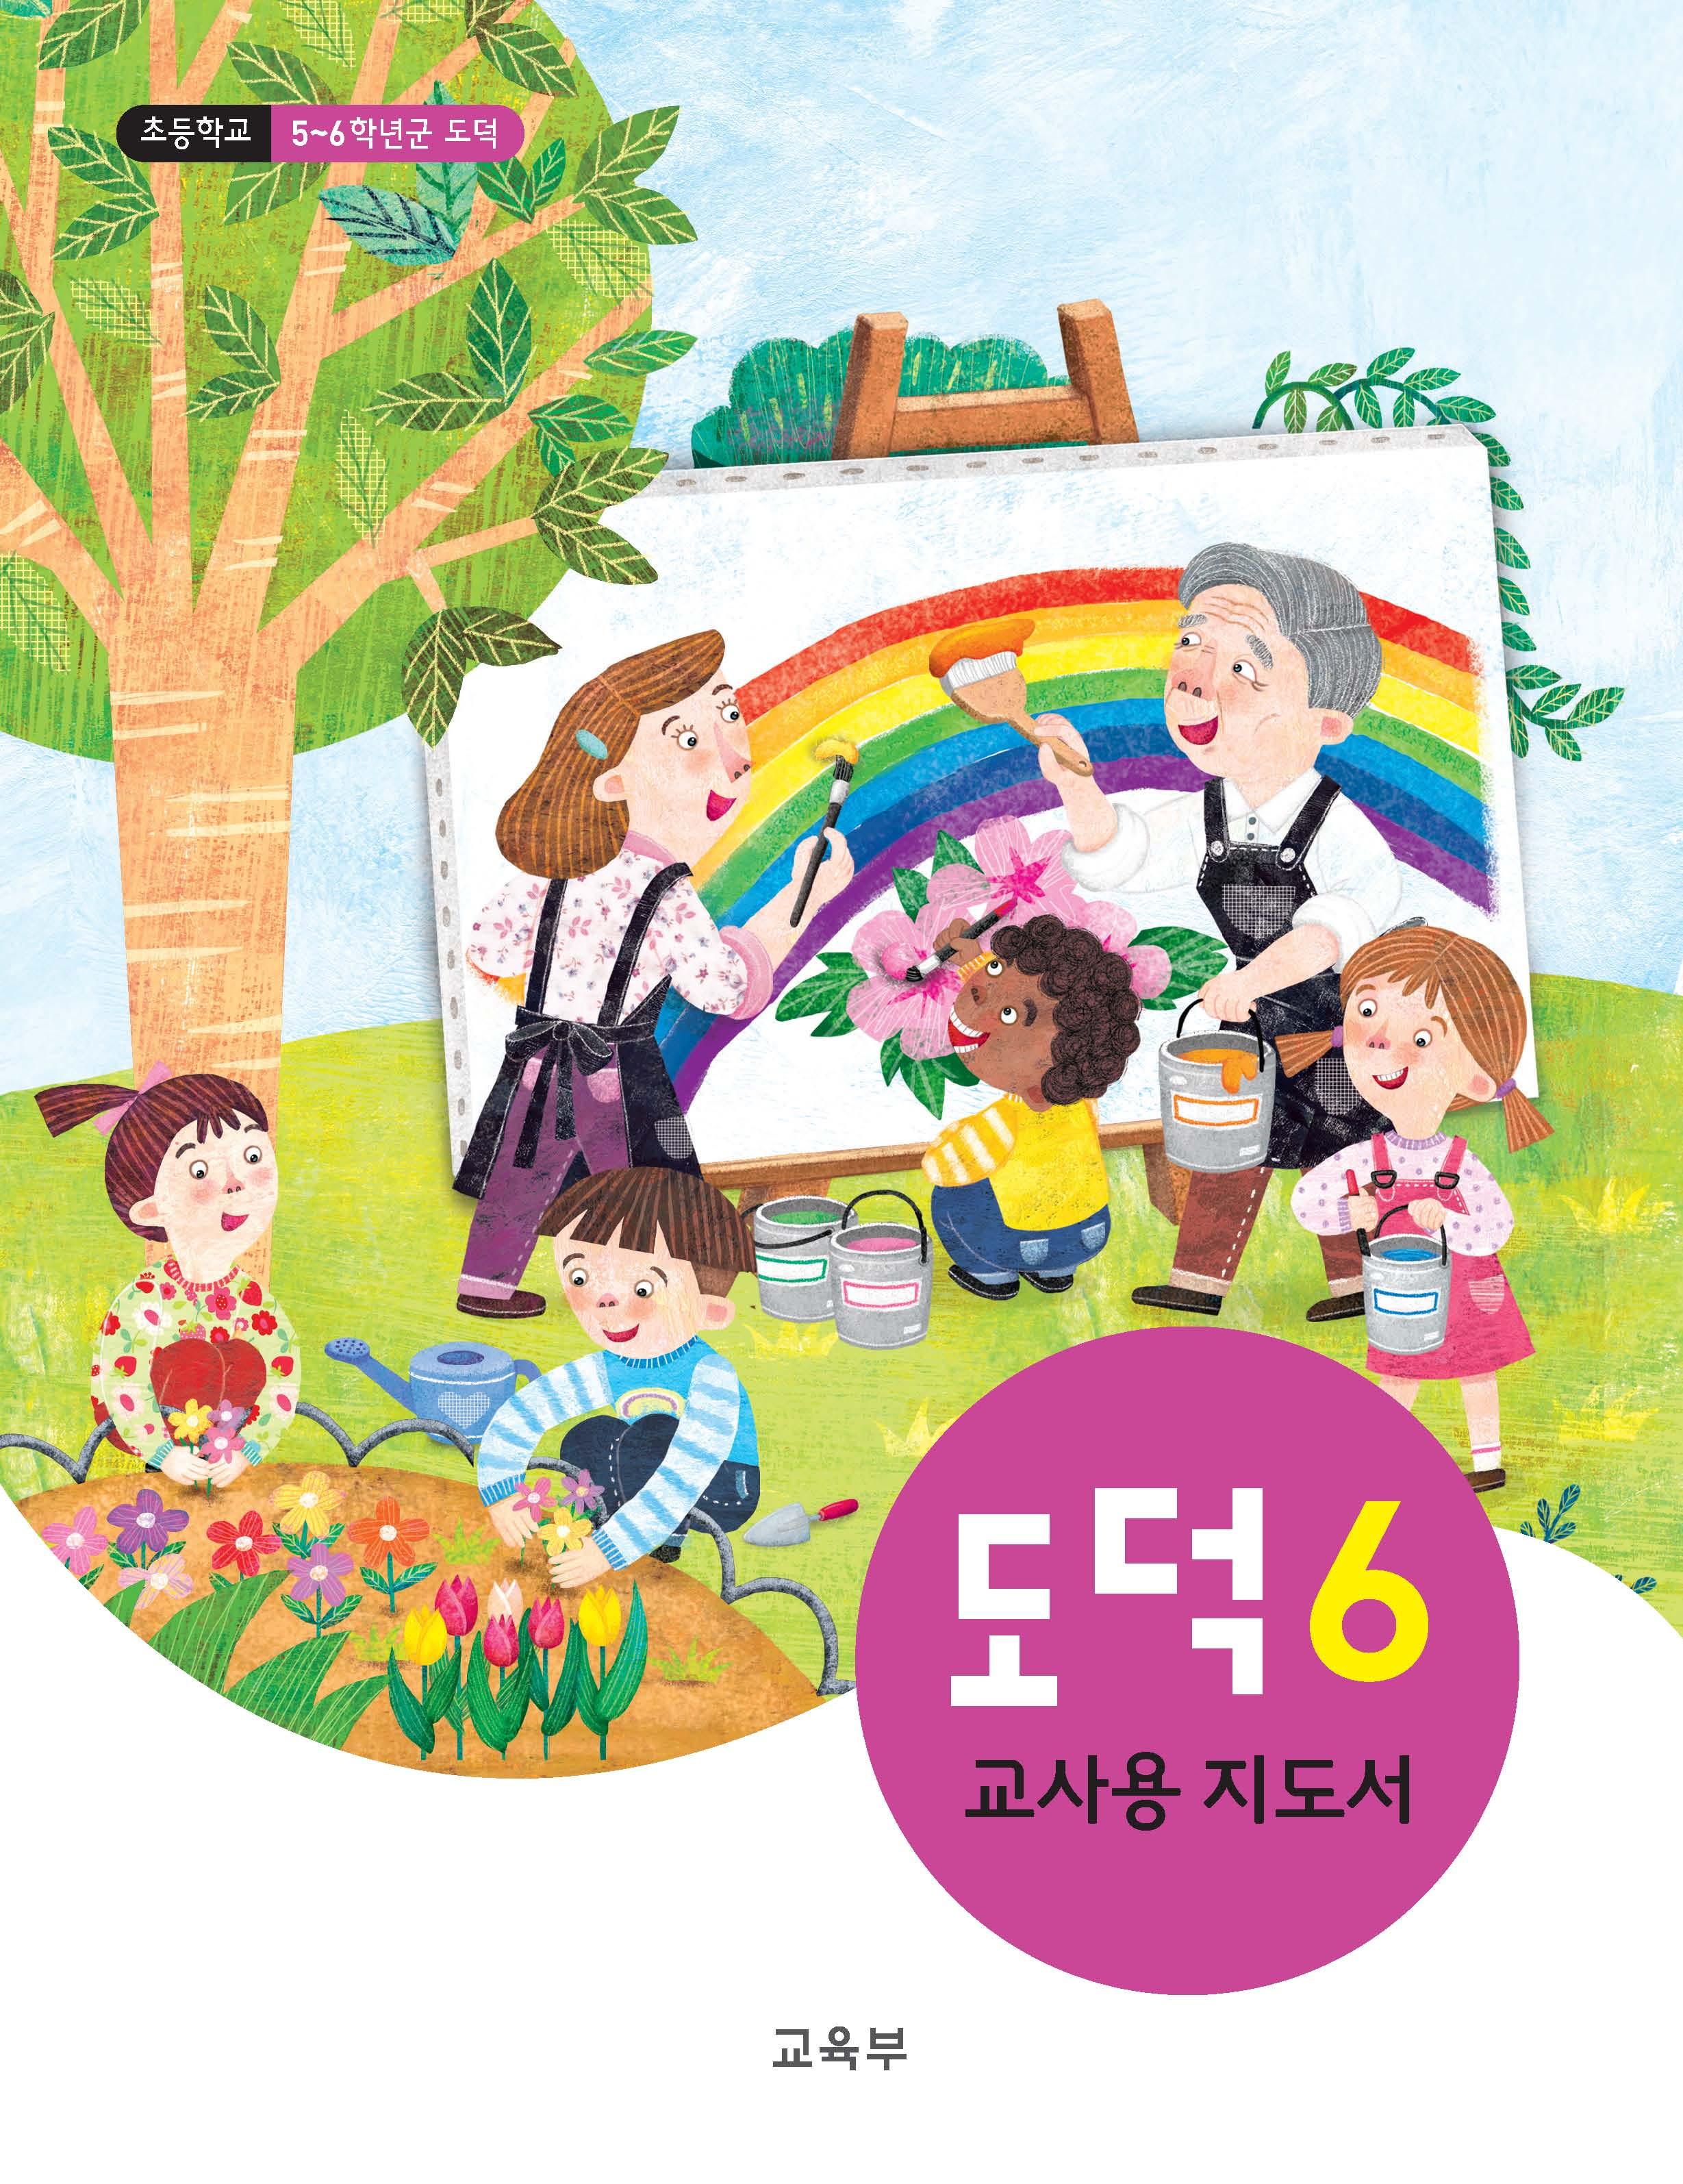 (2015개정_국정)初5~6학년군 도덕 6 지도서